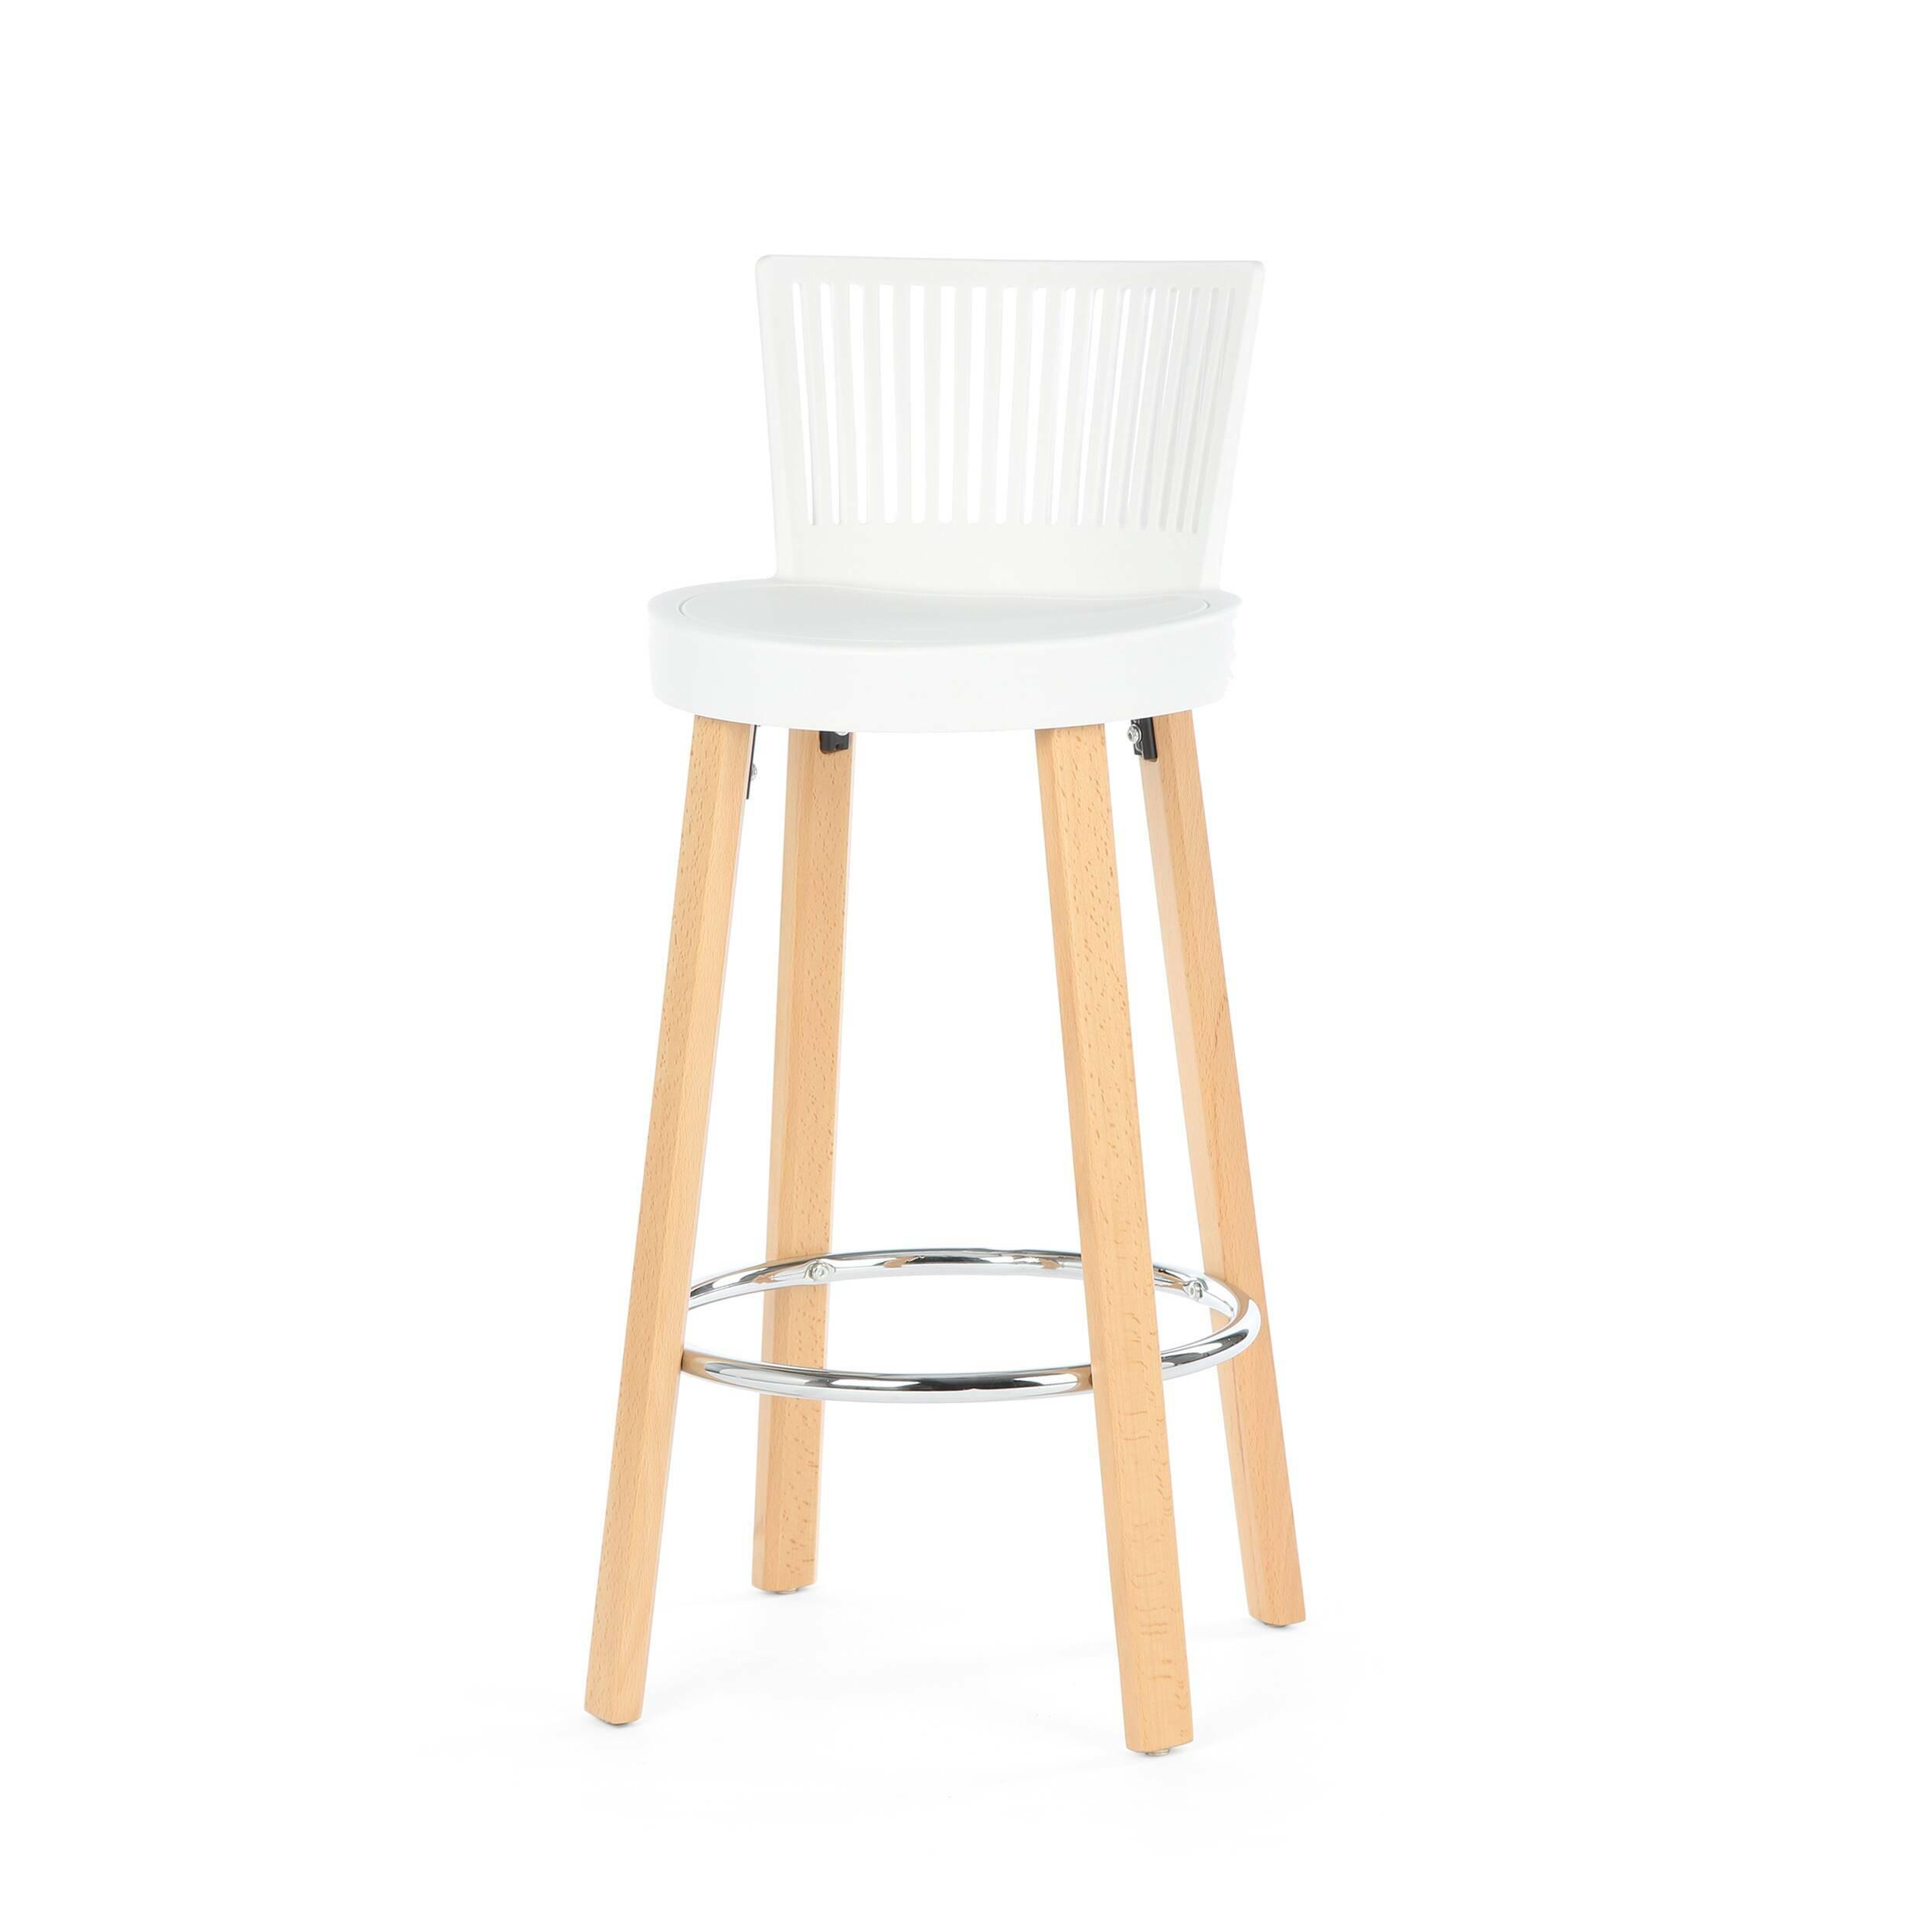 Барный стул TrinidadБарные<br>Дизайн барного стула Trinidad выделяется своим неповторимым стилем. Дизайнер создал не просто стул, но настоящее мебельное произведение искусства, которое можно отнести ко многим современным стилям, например к хай-теку, лофту, модерну и многим другим. «Вкусное» оформление данной модели способно внести разнообразие и яркие черты в любую обстановку.<br><br><br> Дизайн стула продуман таким образом, чтобы на нем можно было сидеть расслабленно, но не теряя осанку и тонус. Сиденье модели изготовлено...<br><br>stock: 1<br>Высота: 96.5<br>Высота сиденья: 76<br>Ширина: 39<br>Глубина: 41<br>Цвет ножек: Светло-коричневый<br>Материал ножек: Массив бука<br>Цвет сидения: Белый<br>Тип материала сидения: Полипропилен<br>Тип материала ножек: Дерево